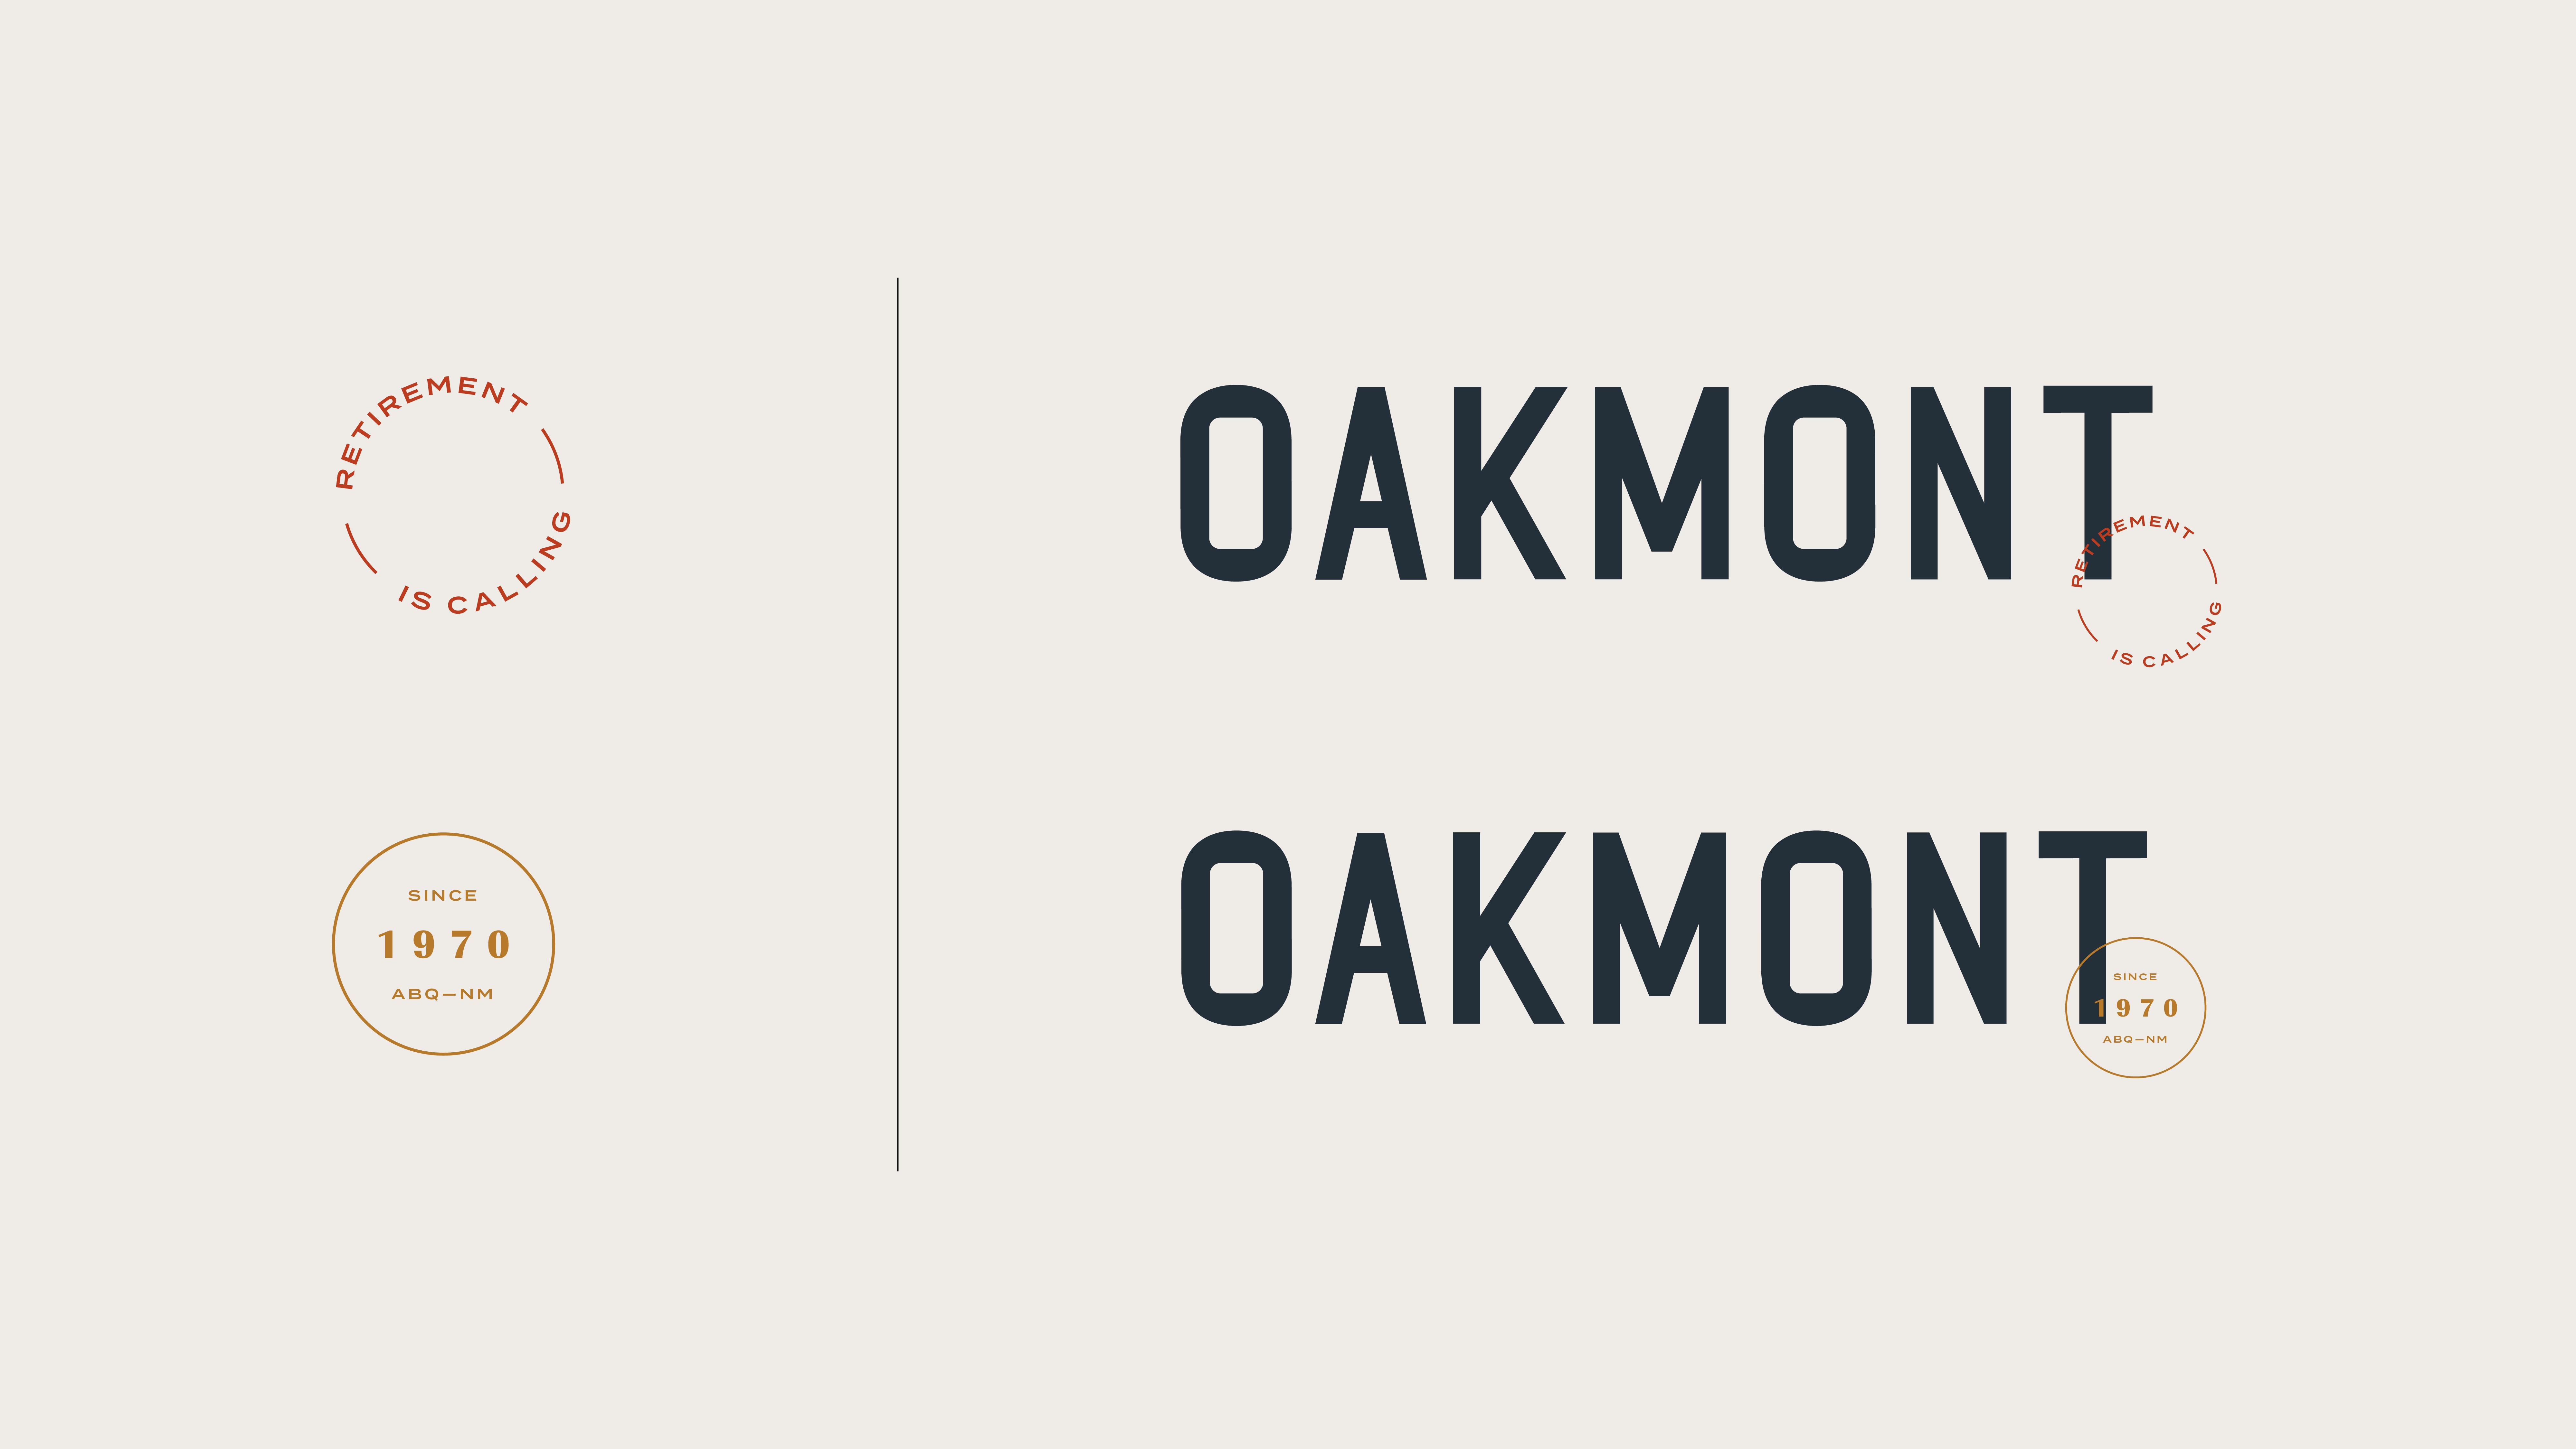 Oakmont logo and submarks